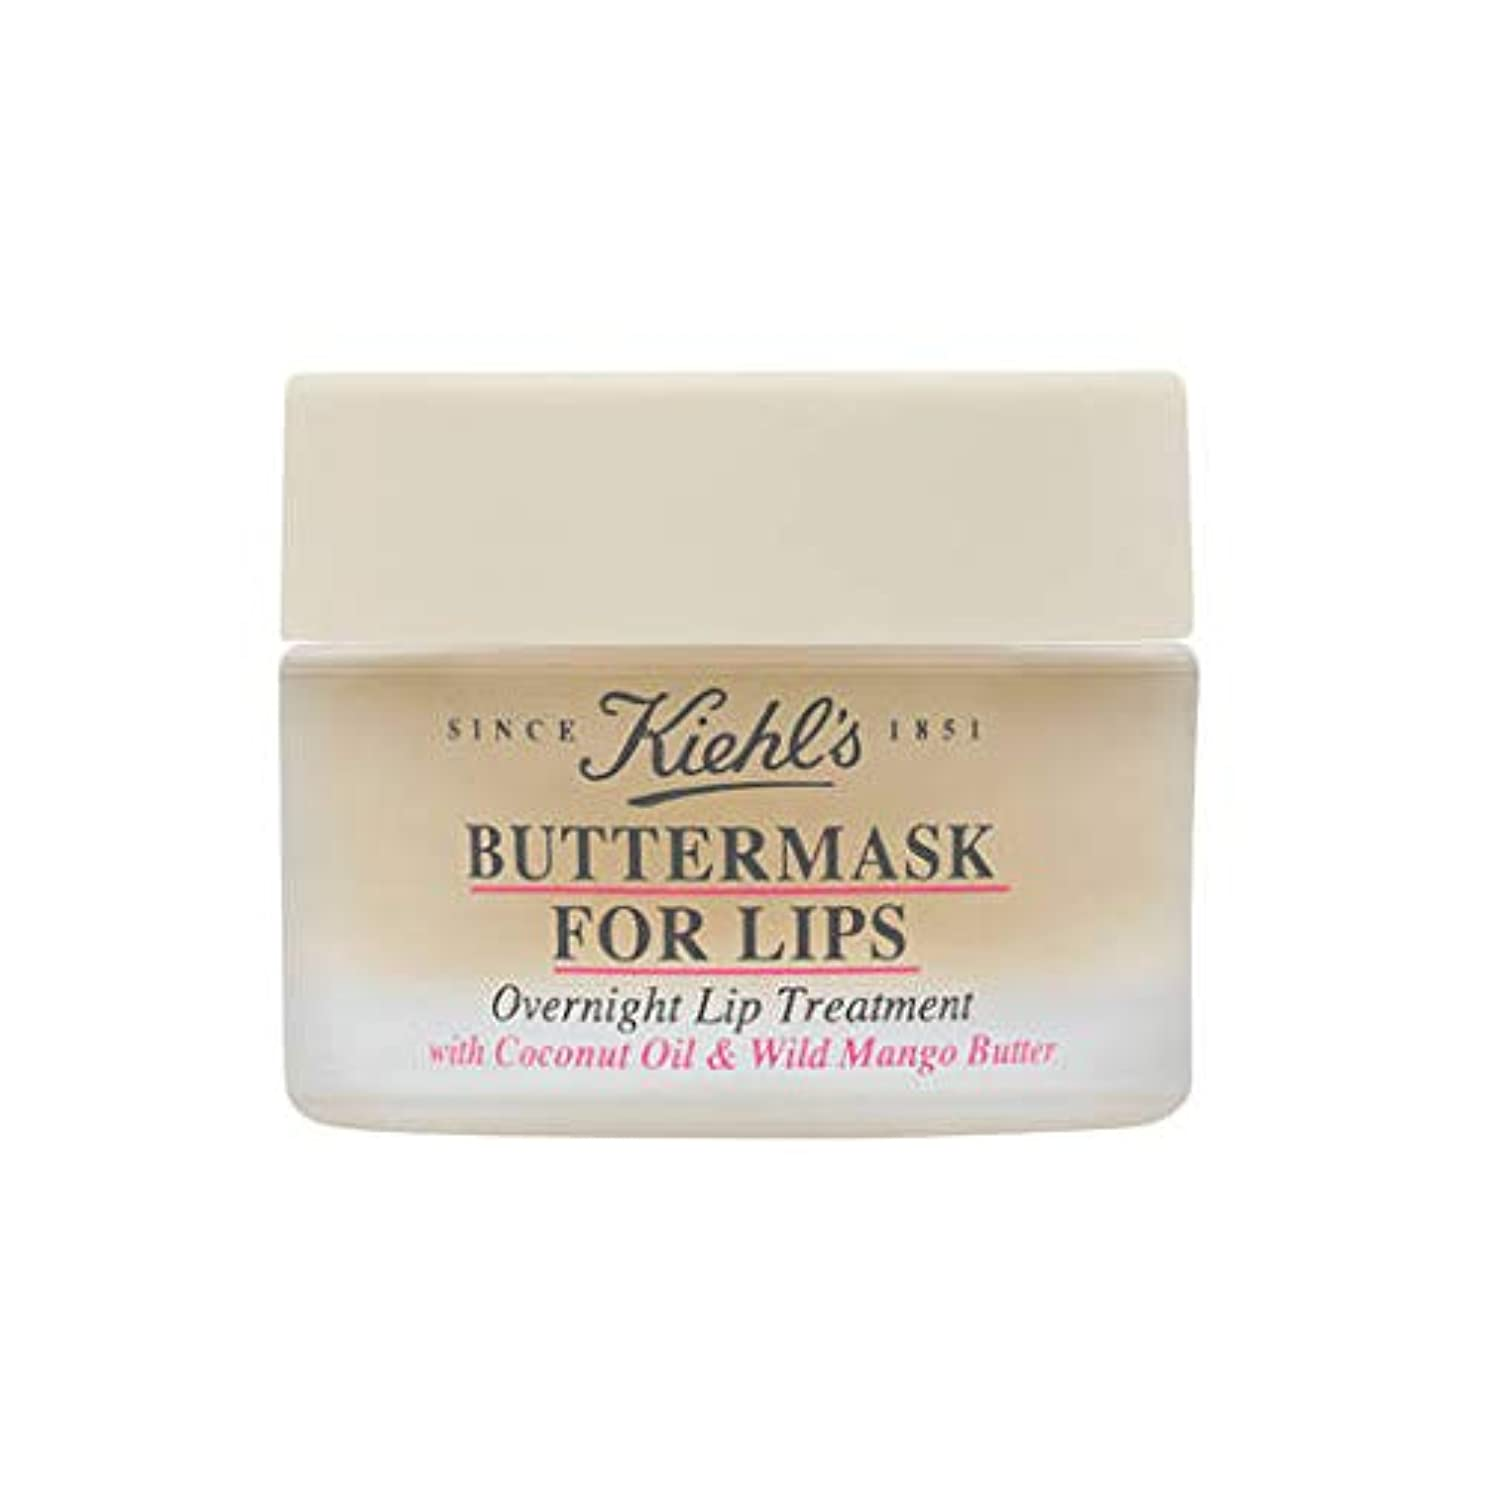 Kiehl's (キールズ) 唇用バターマスク 一晩のリップトリートメント 8g